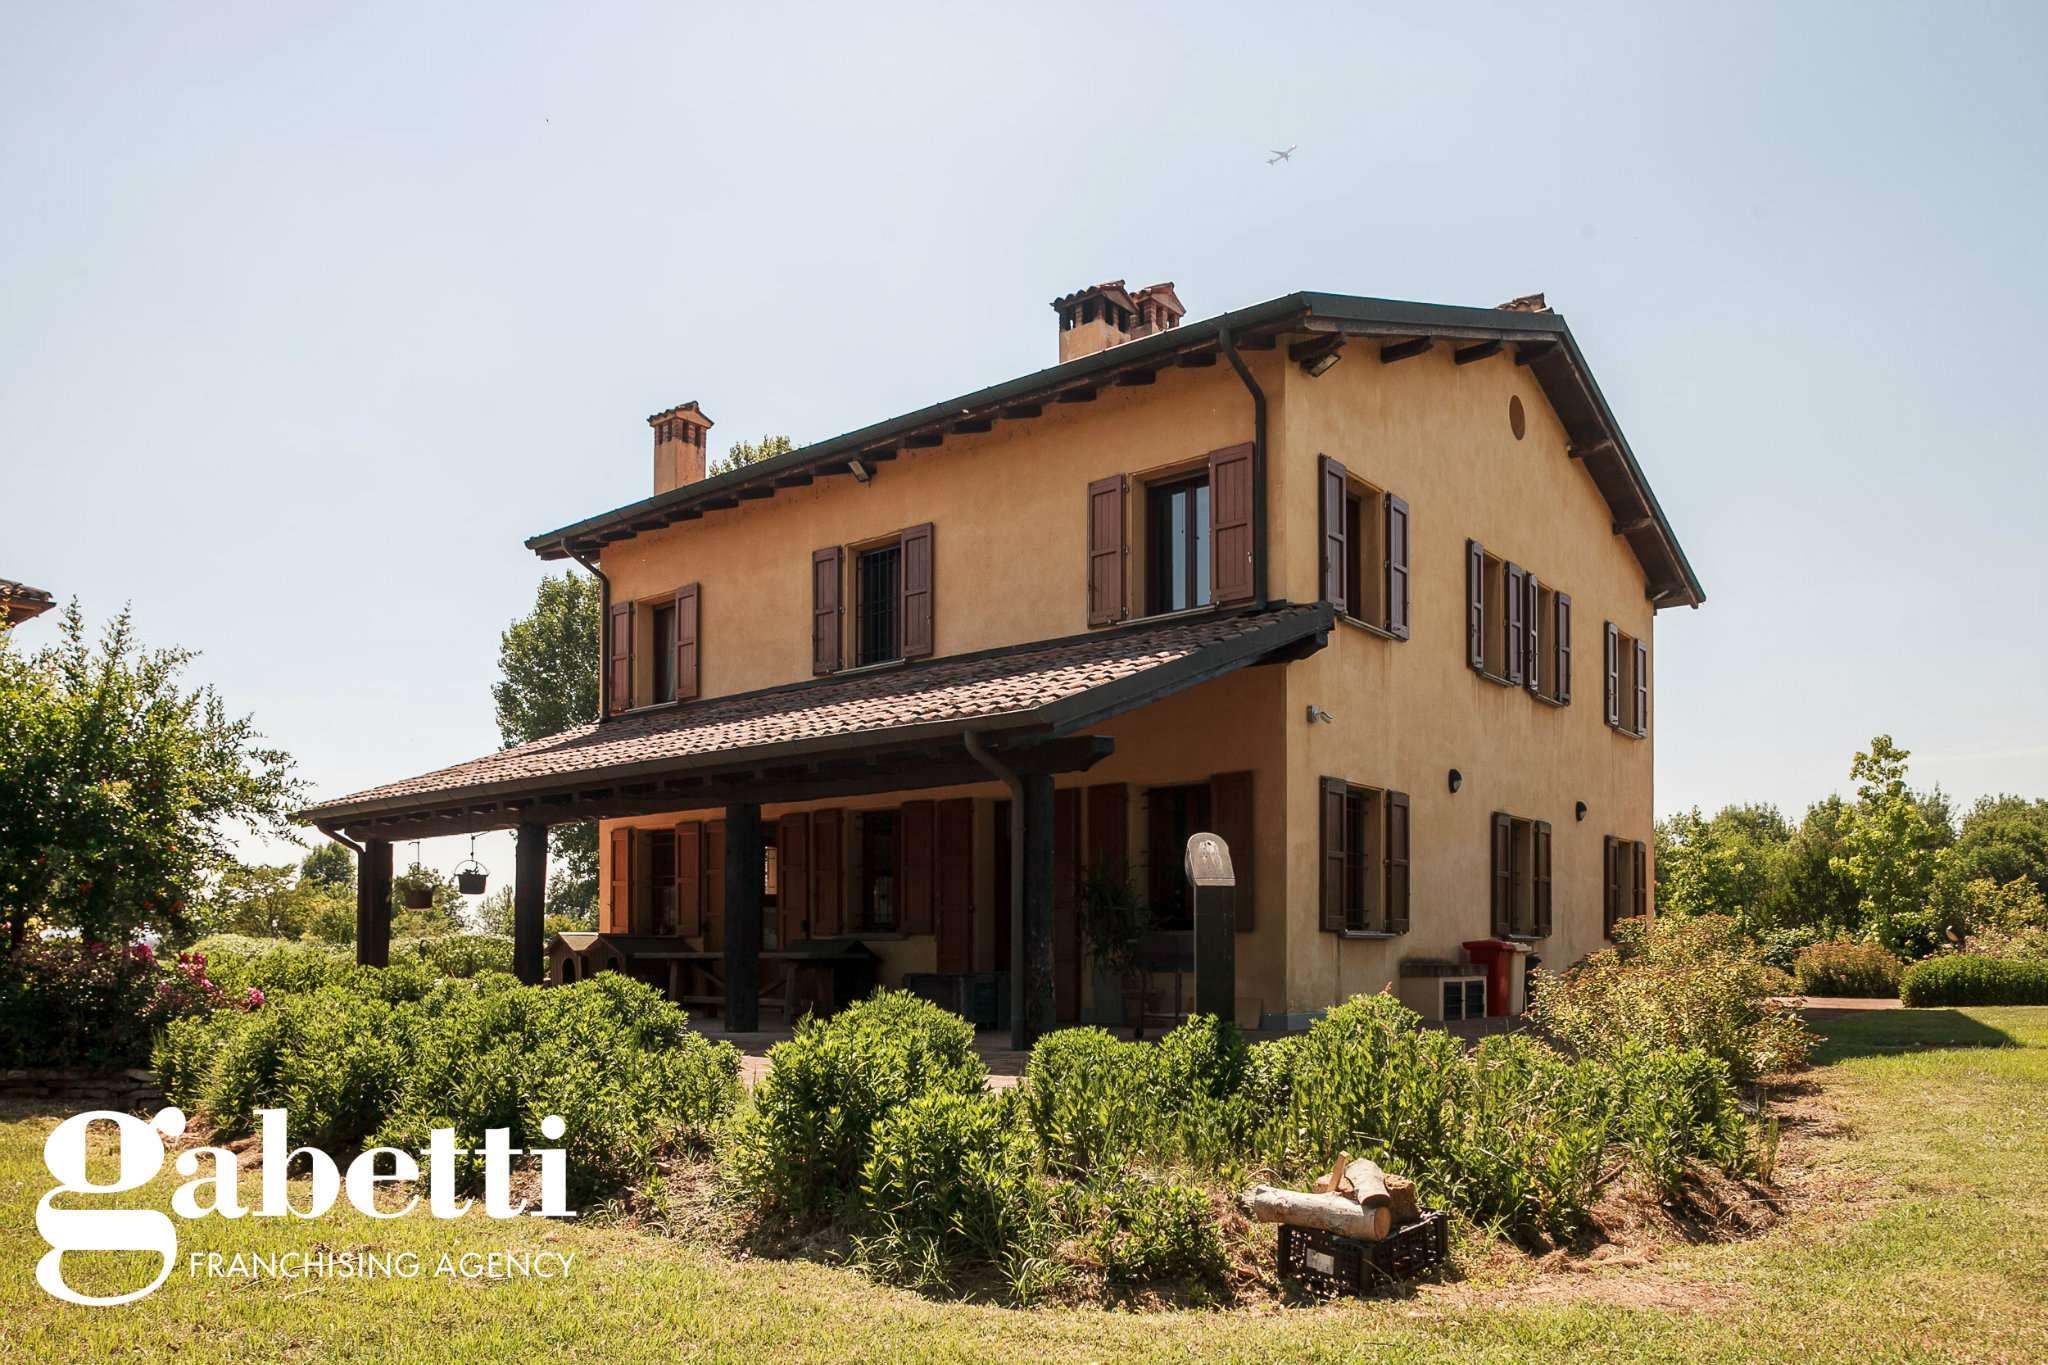 Soluzione Indipendente in vendita a Bentivoglio, 9 locali, prezzo € 870.000 | CambioCasa.it